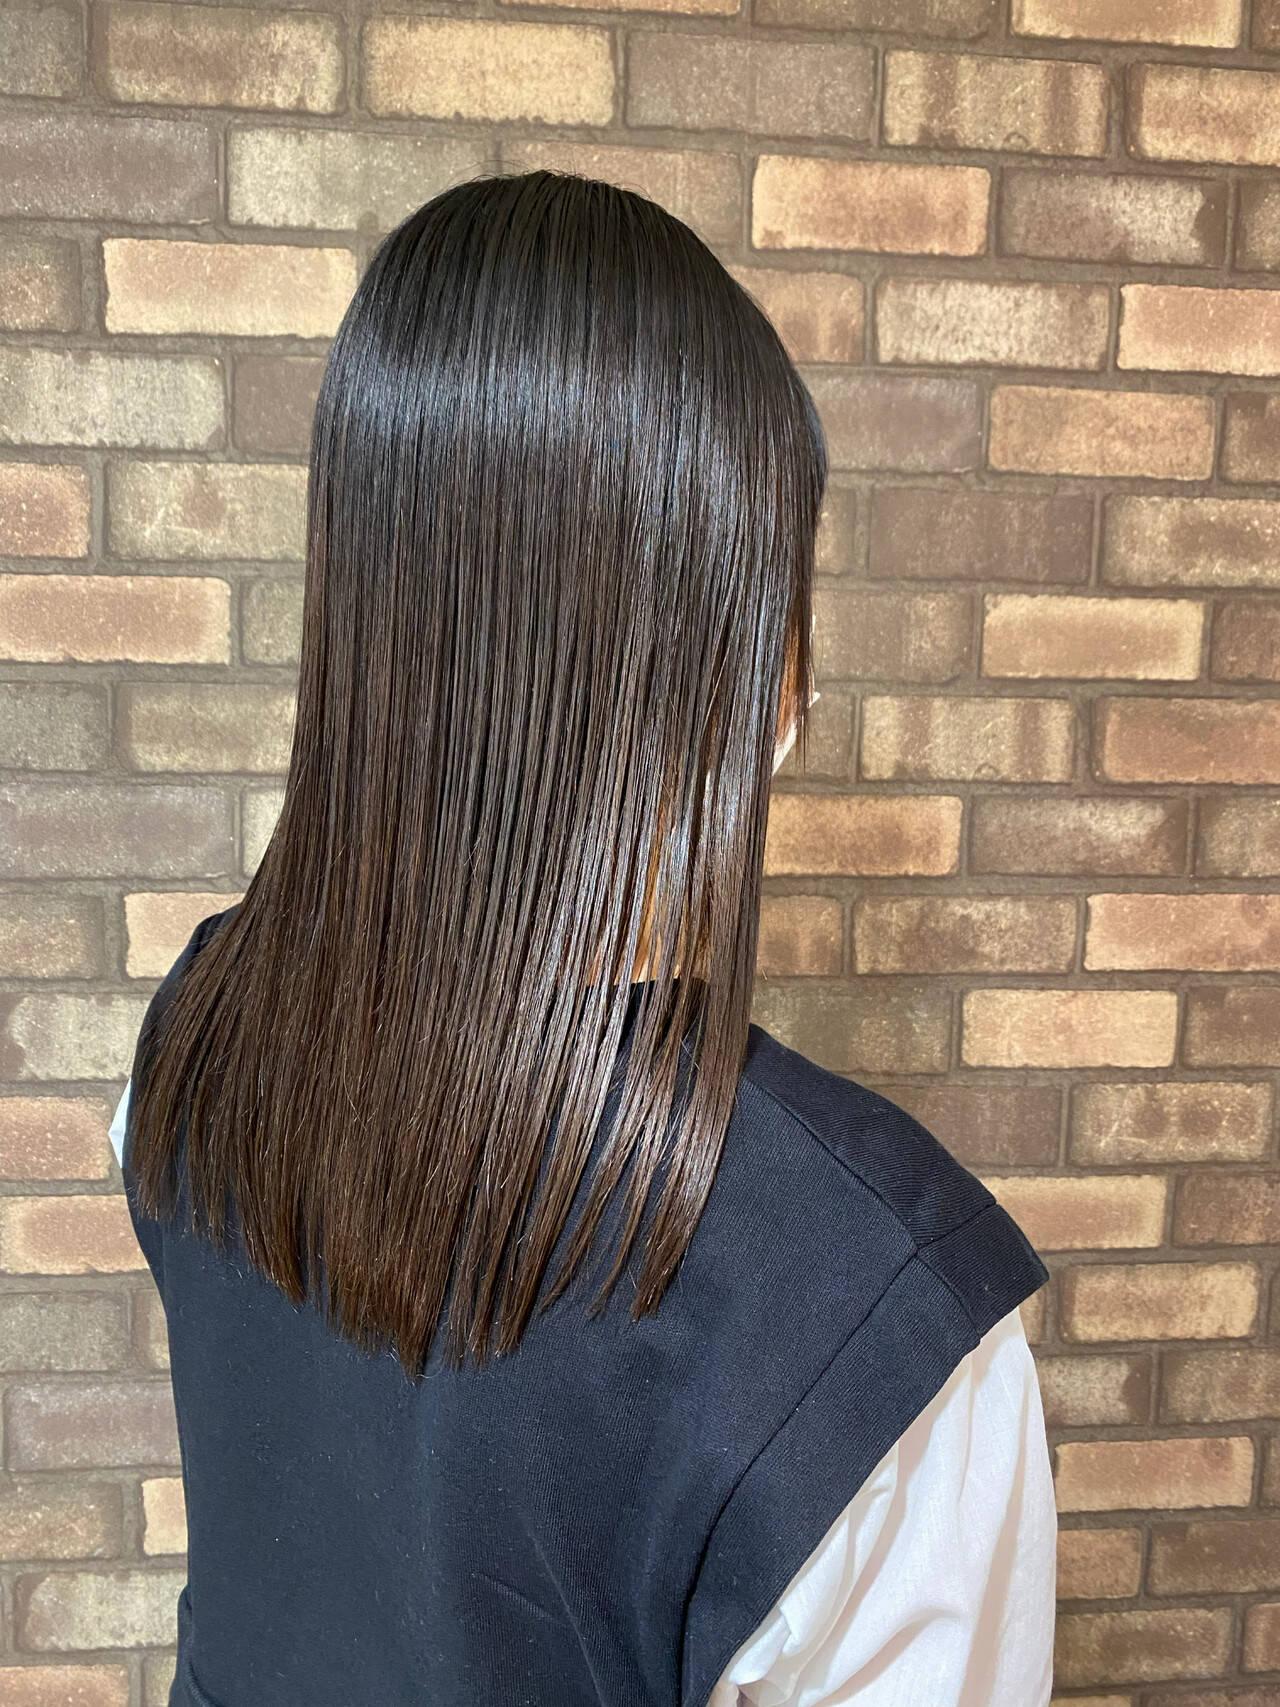 前髪あり 梅雨 ナチュラル 縮毛矯正ヘアスタイルや髪型の写真・画像